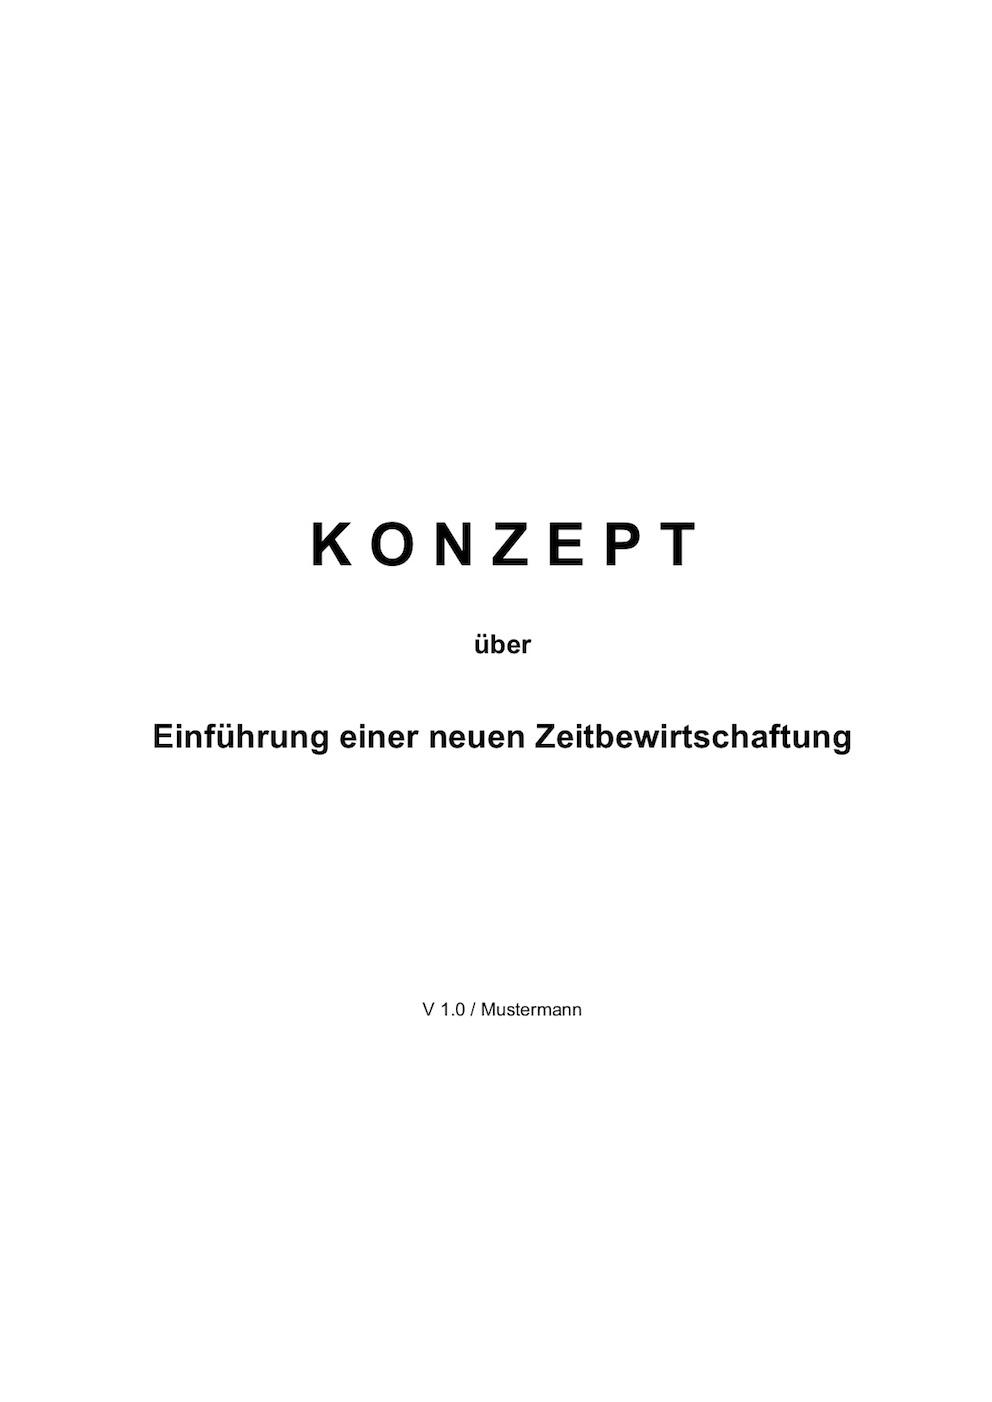 Inhaltsverzeichnis Vorlage (Word) – Muster-Vorlage.ch